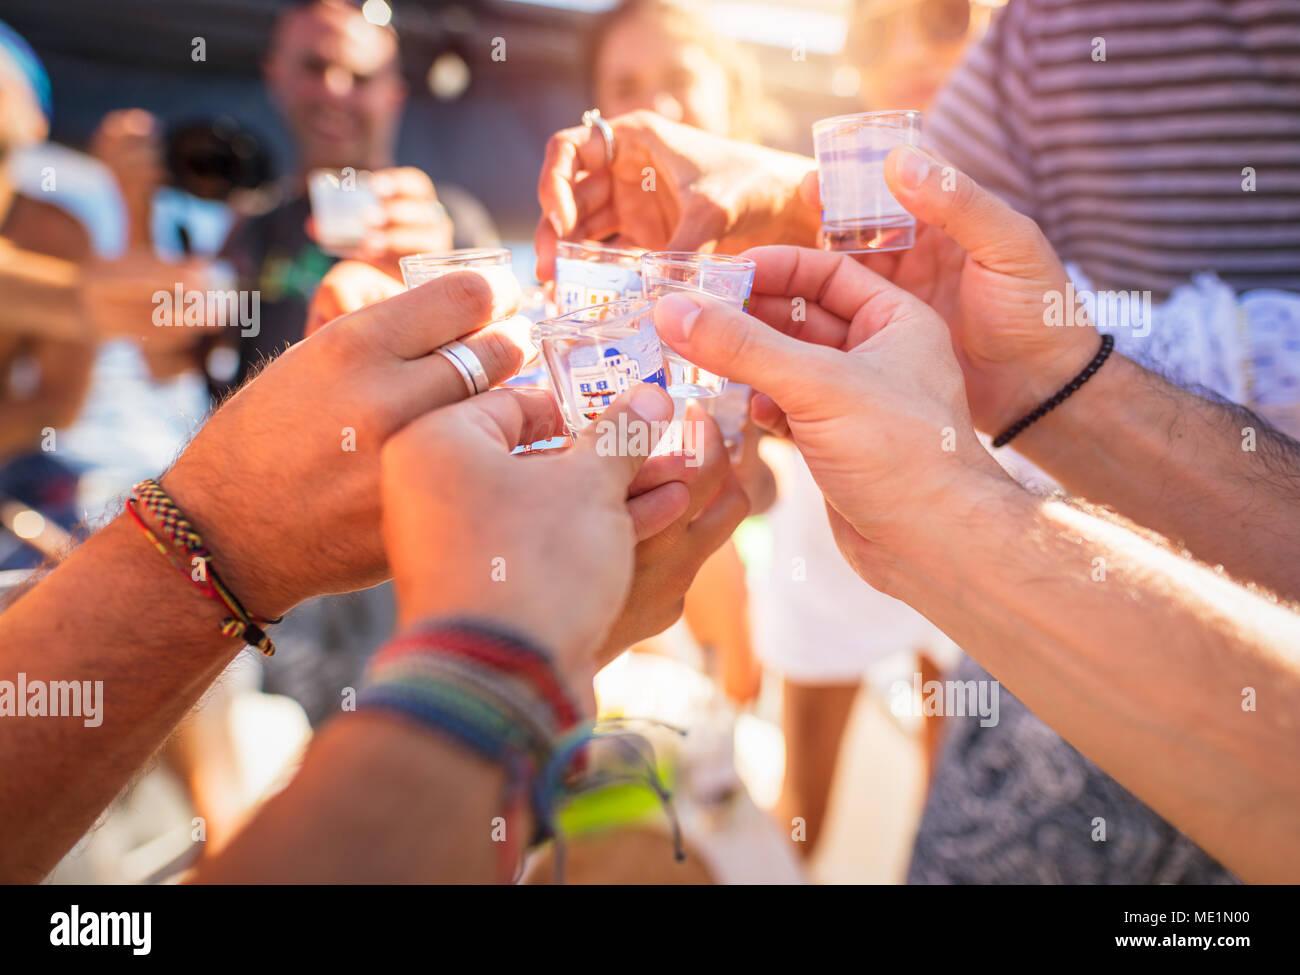 Foto en primer plano de un hombre de manos con vaso lleno de bebida alcohólica, hablando tostadas, Cheers, celebrando la fiesta, fiesta al aire libre, felices vacaciones de verano Imagen De Stock